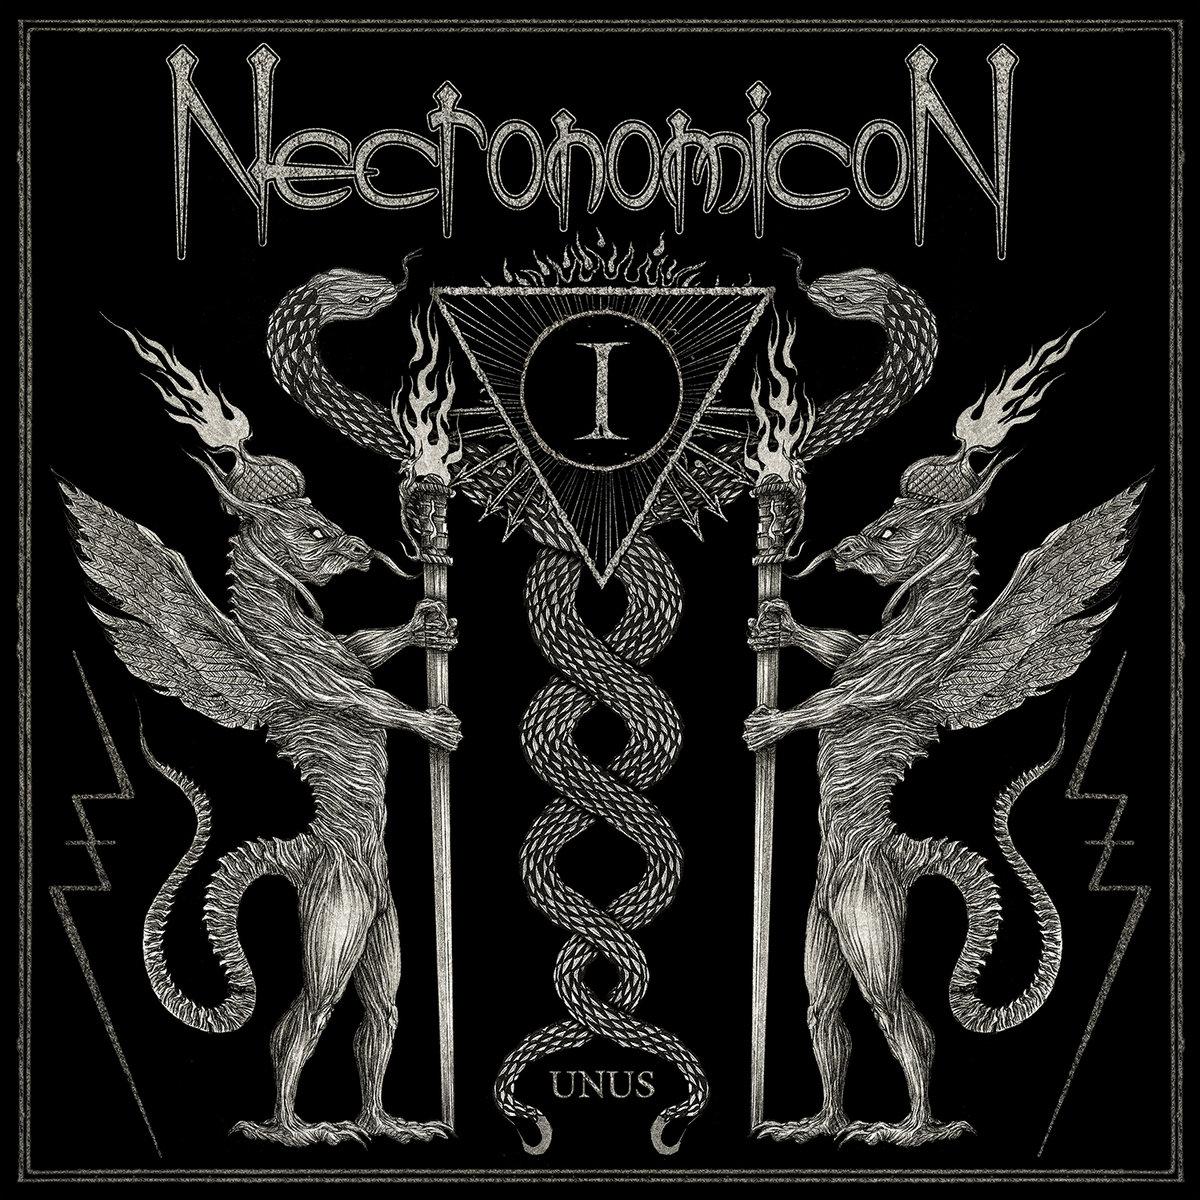 Αποτέλεσμα εικόνας για necronomicon unus